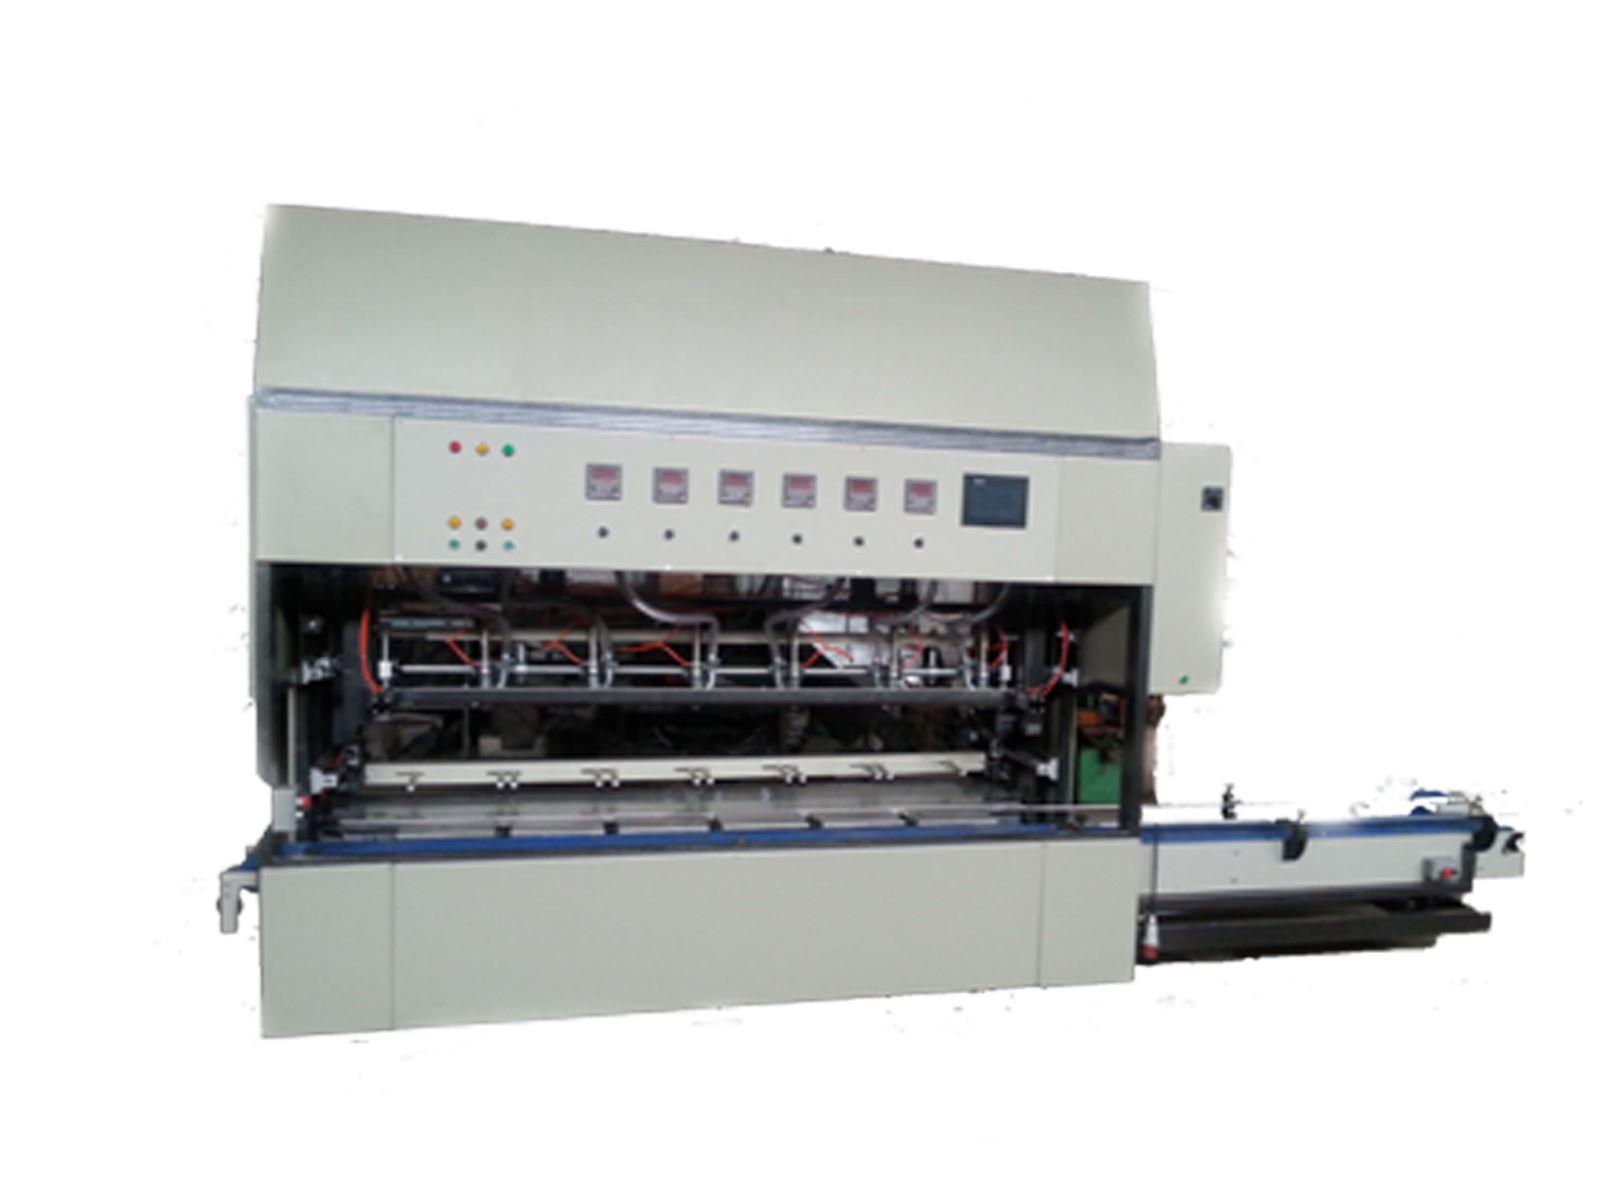 دستگاه پرکن مایعات رقیق-پرکن روغن موتور-دستگاه بسته بندی روغن موتور